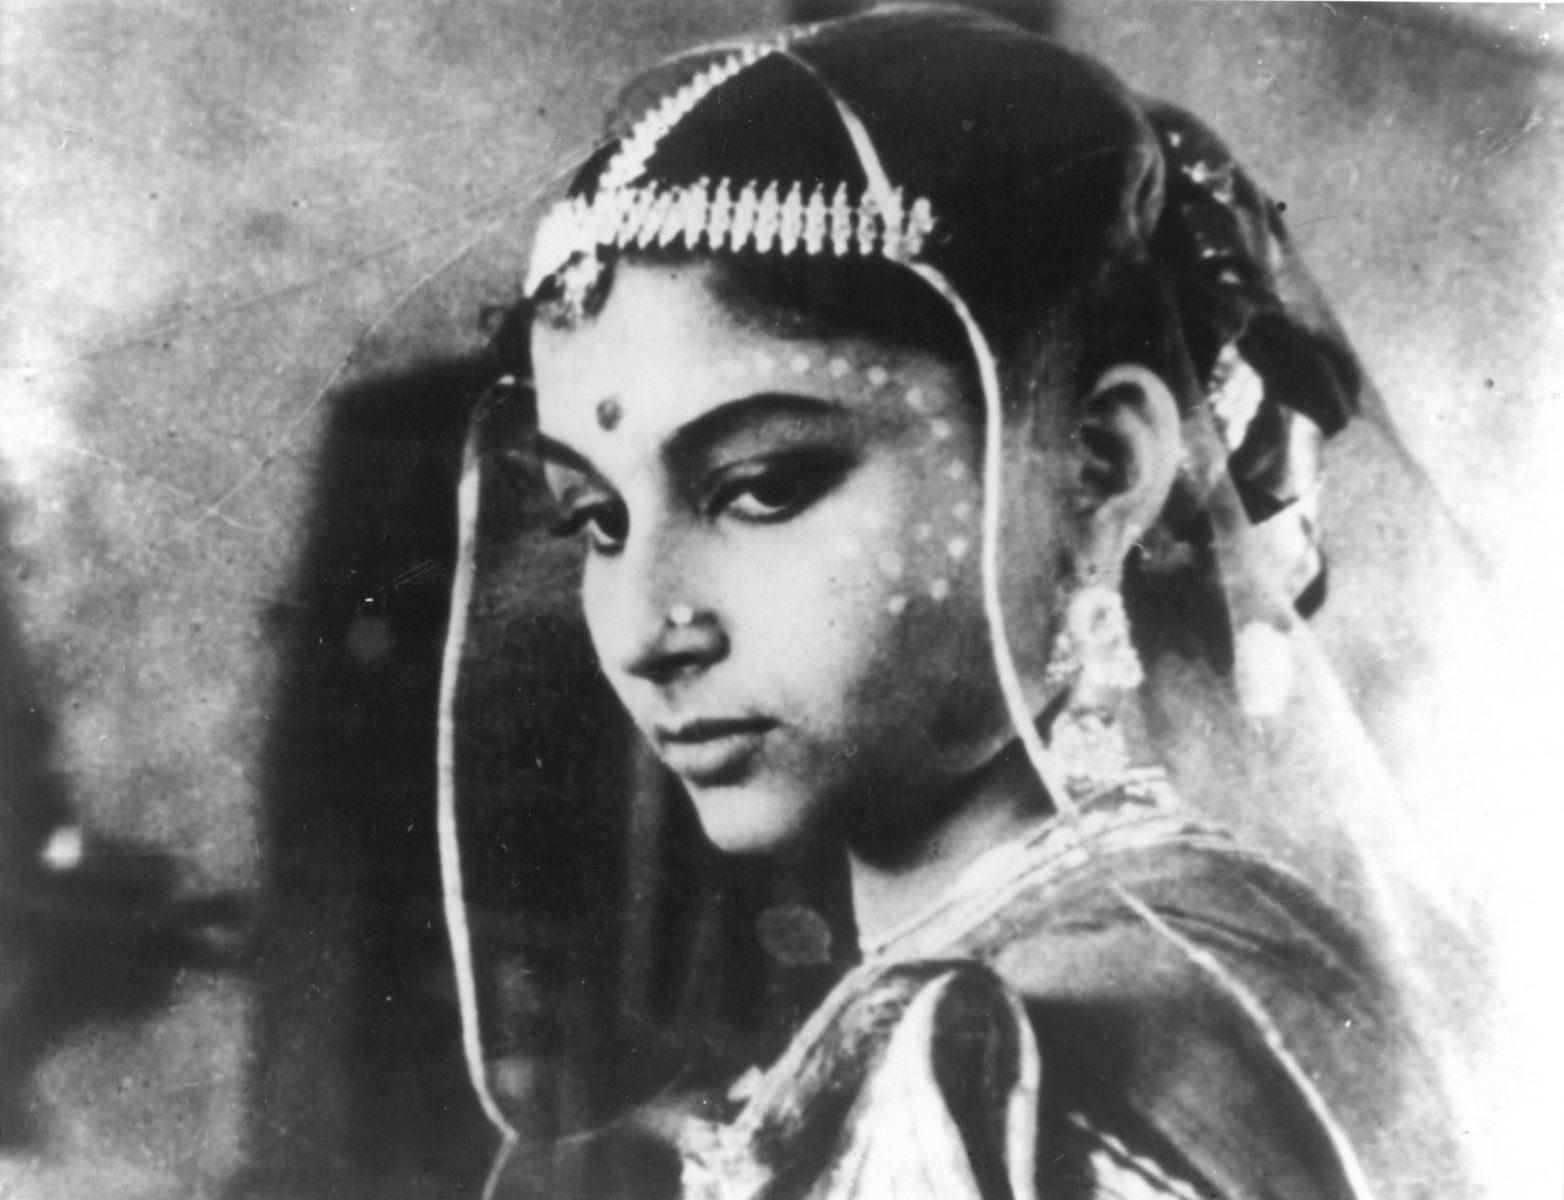 1959_Apur_Sansar_Satyajit RAY